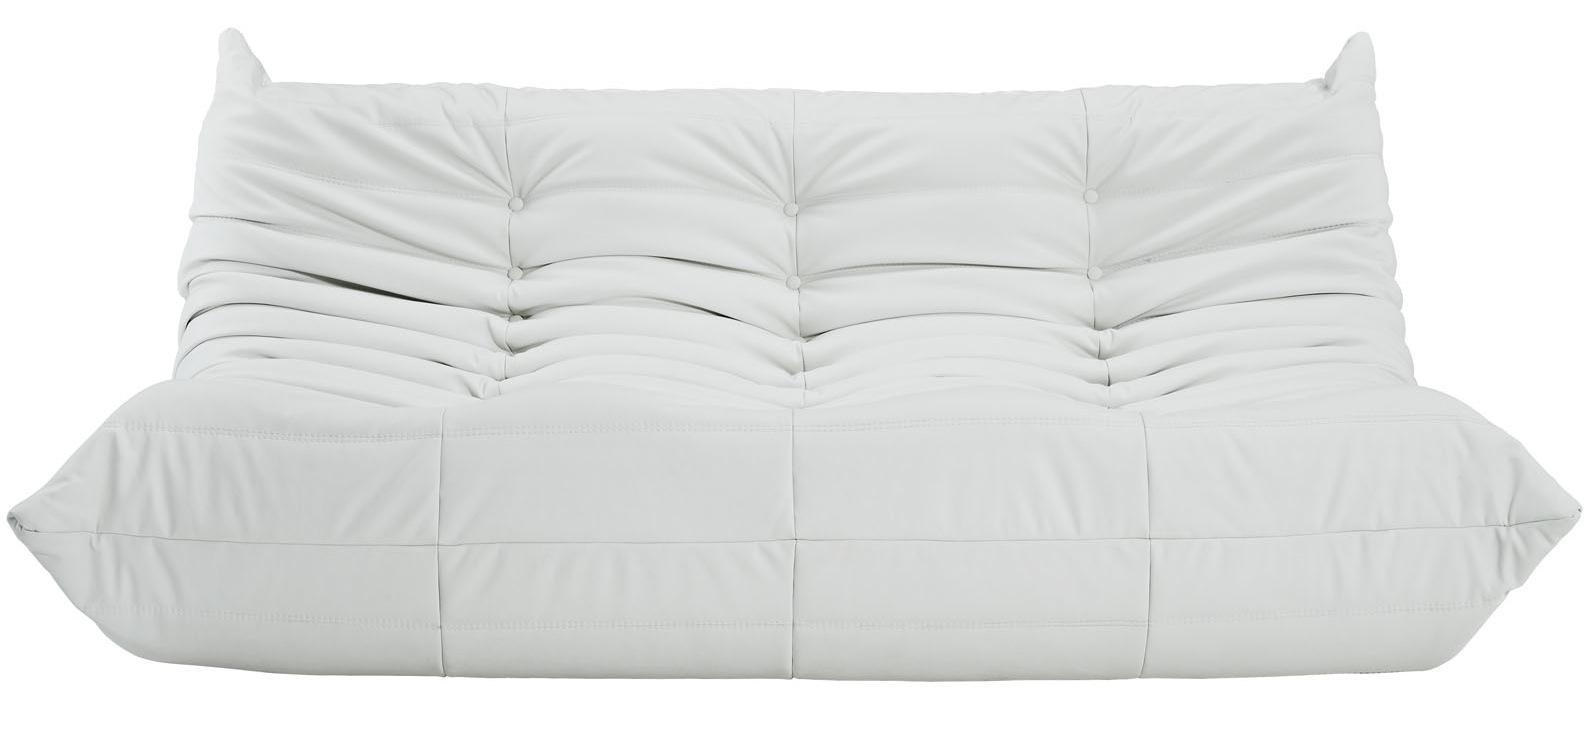 downlow-white-sofa.jpg